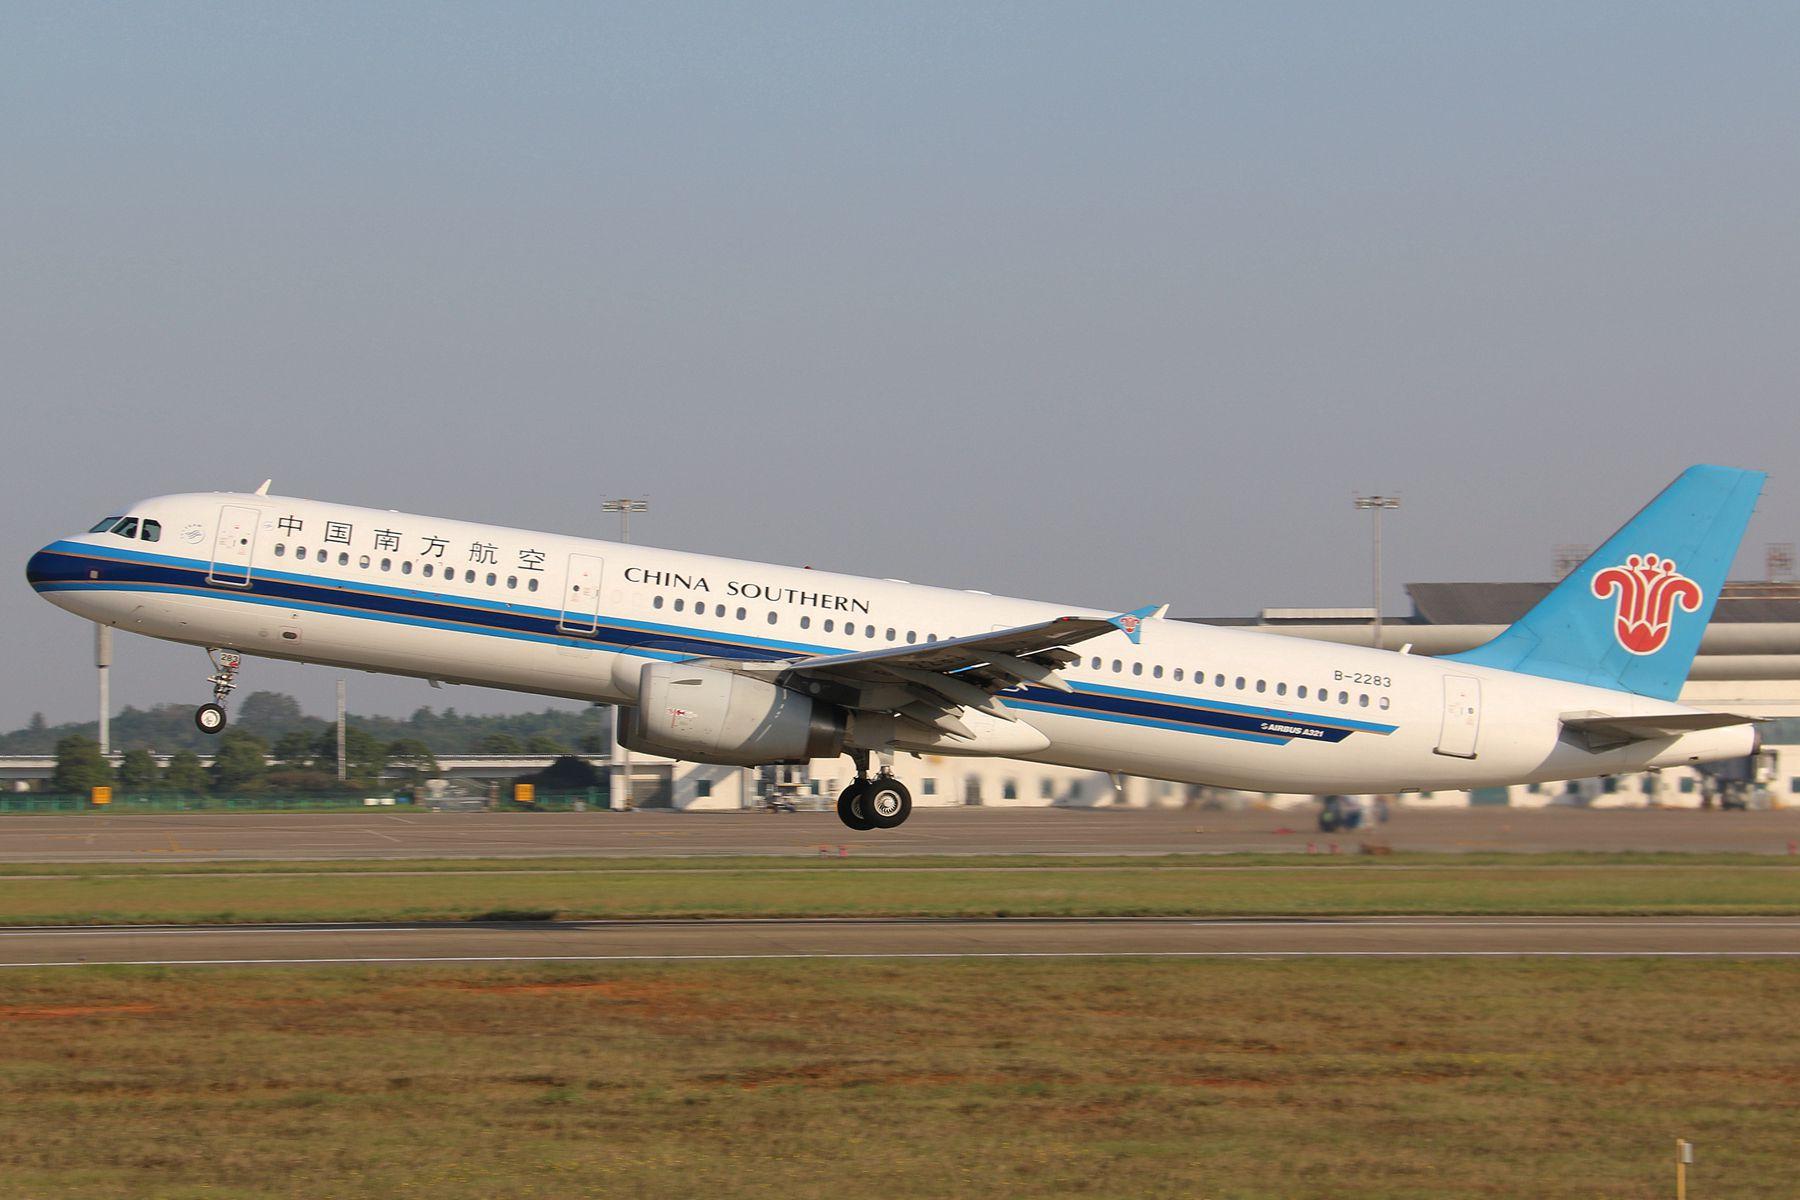 Re:[原创]B-2283昌北好天气里的起飞【Take off】---------------- AIRBUS A321-200 B-2283 中国南昌昌北国际机场